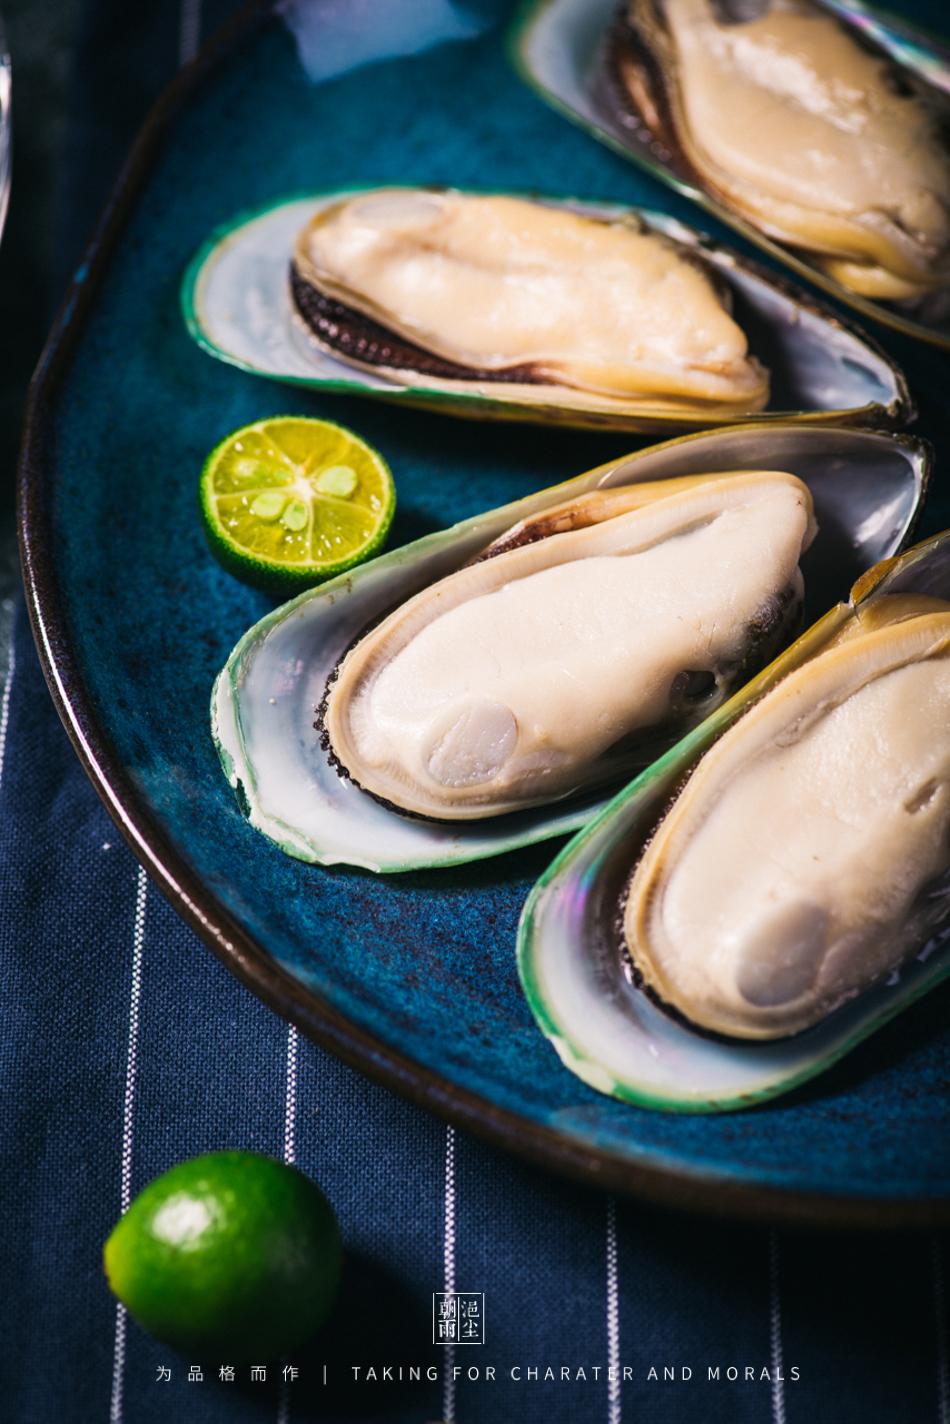 食品摄影-新西兰冷冻半壳青口贝2